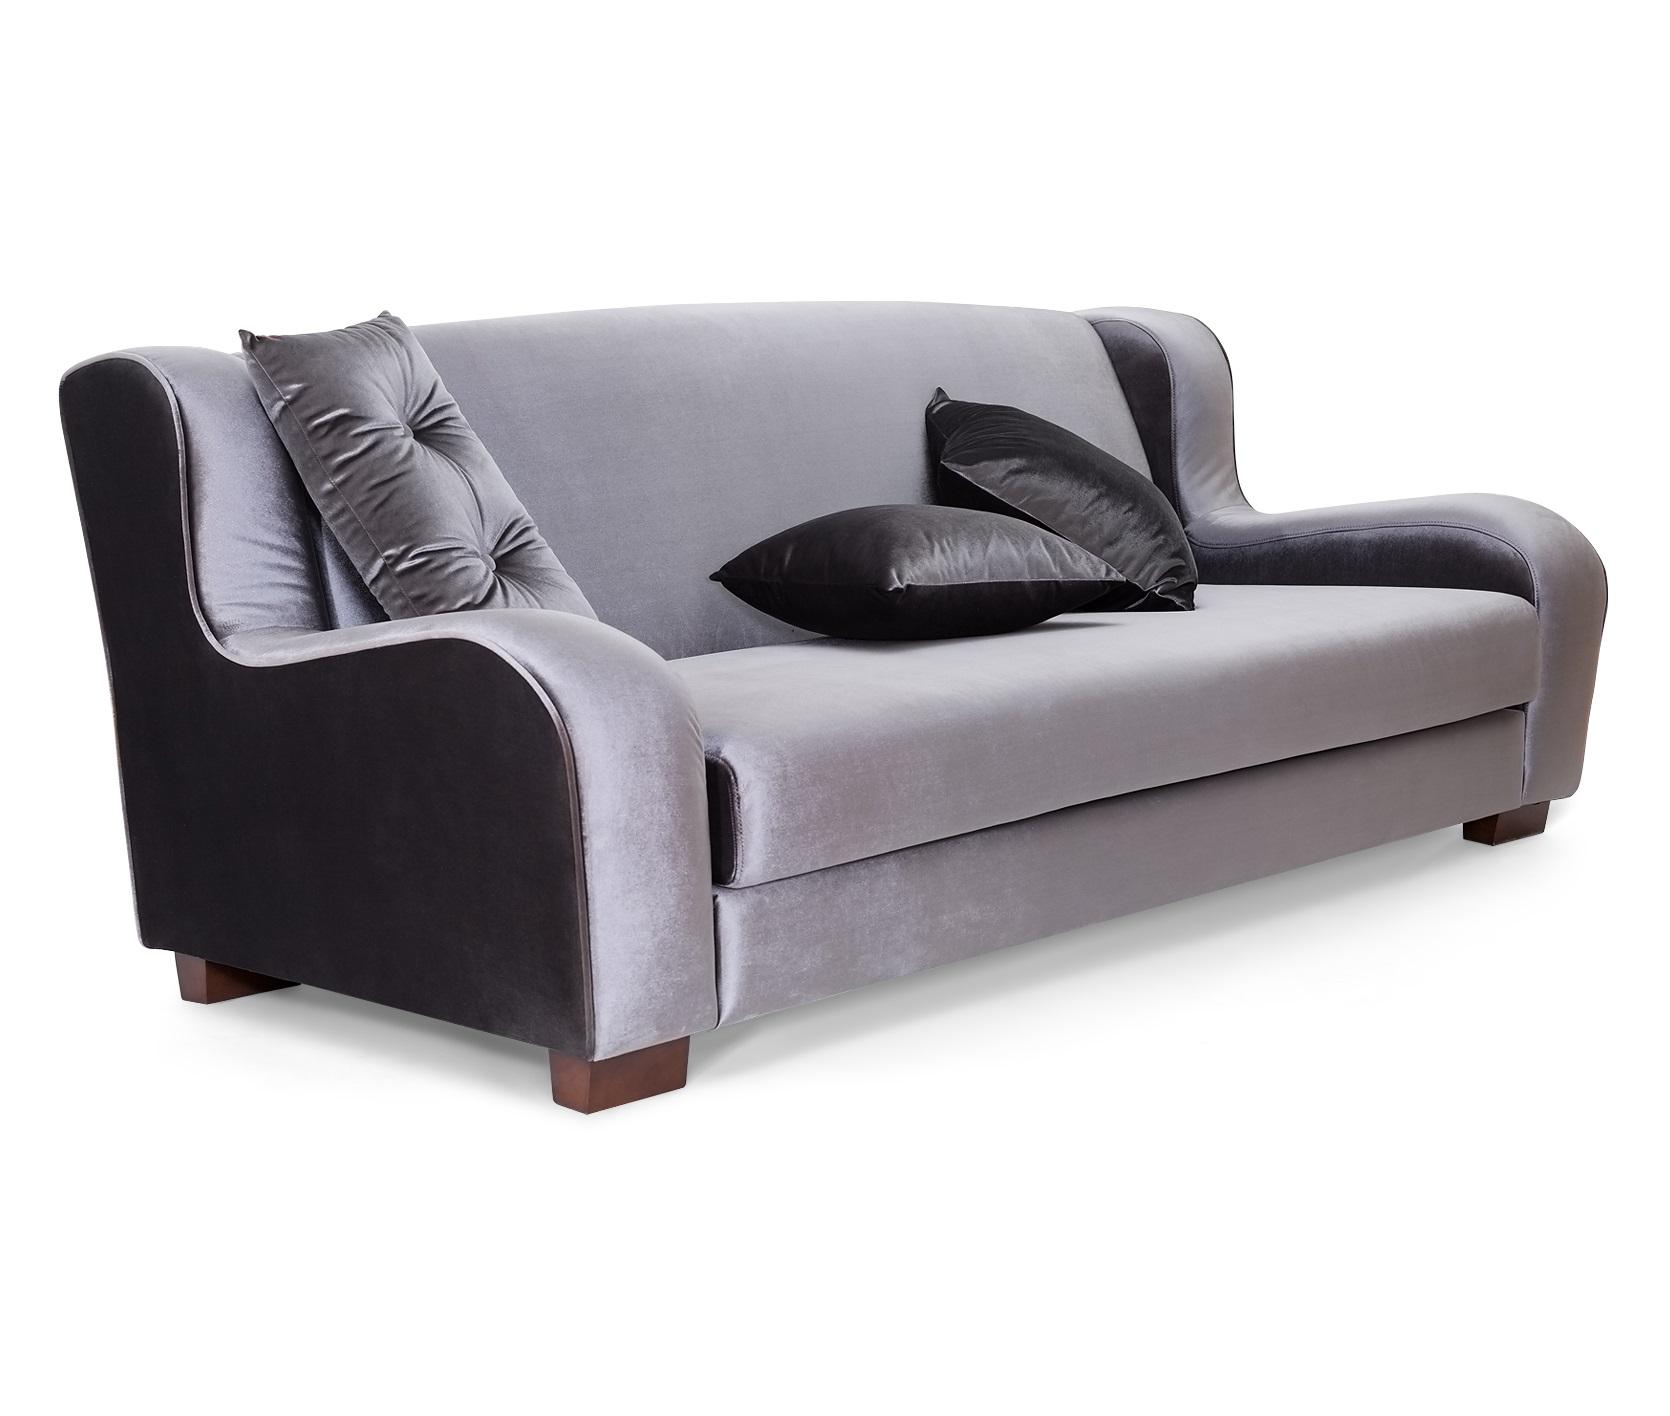 Диван NOLAТрехместные диваны<br>Этот мягкий диван с низкими подлокотниками будет уместен практически в любом интерьере благодаря современному классическому дизайну и колориту. Матово переливающаяся обивка серого цвета сдержанна и нарядна одновременно. Несомненно, комфорта и нарядности добавляют этому образцу и пять подушек, одна из которых отличается от других формой и декором.<br><br>Возможные варианты:<br>S5974/NOLA-78A/3S<br>S5974/NOLA-88A/3S<br><br>Material: Текстиль<br>Length см: None<br>Width см: 220<br>Depth см: 103<br>Height см: 87<br>Diameter см: None